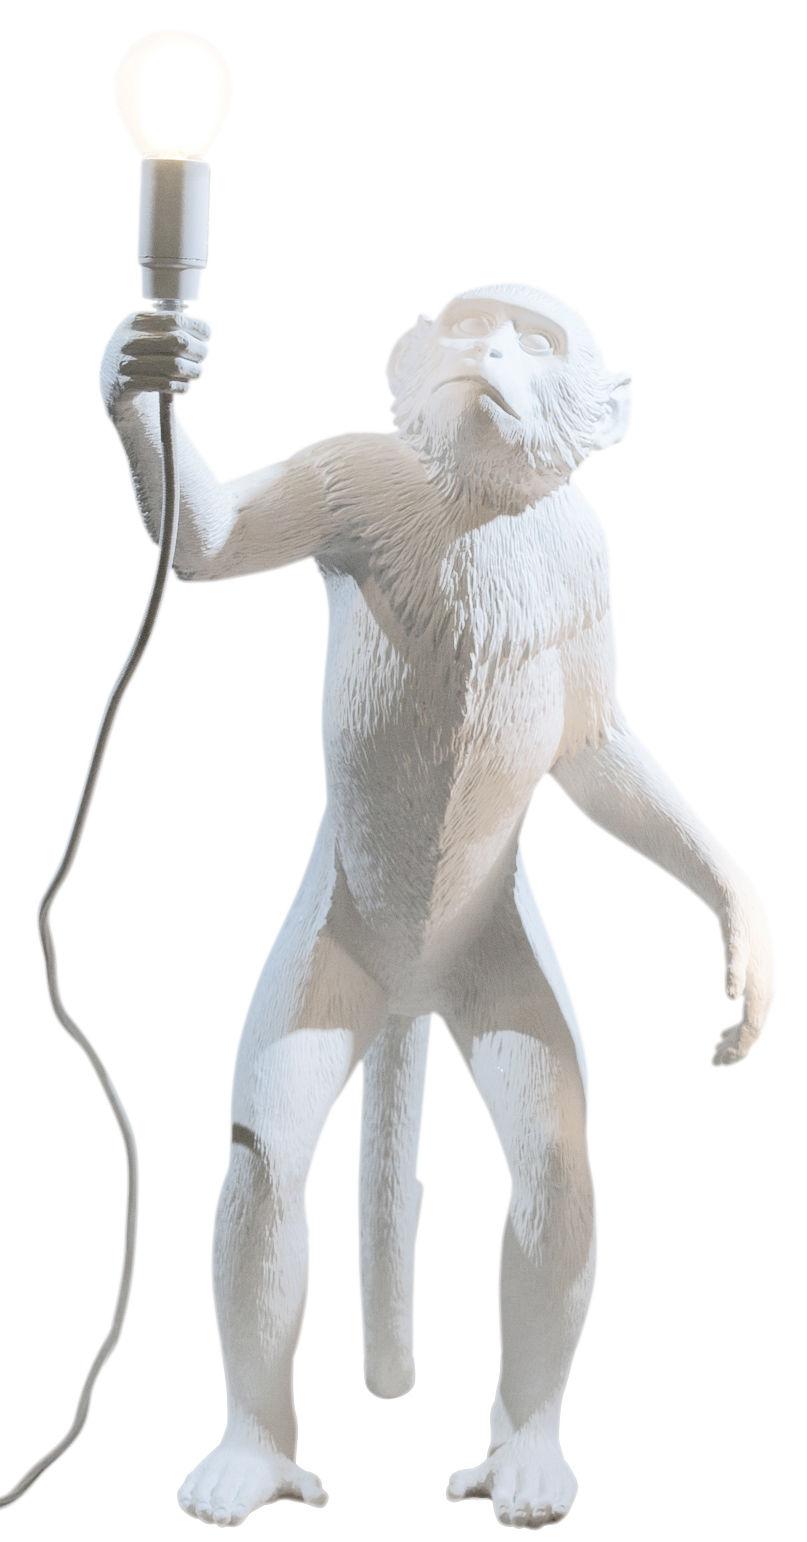 Leuchten - Tischleuchten - Monkey Standing Tischleuchte / H 54 cm - Seletti - Weiß - Harz